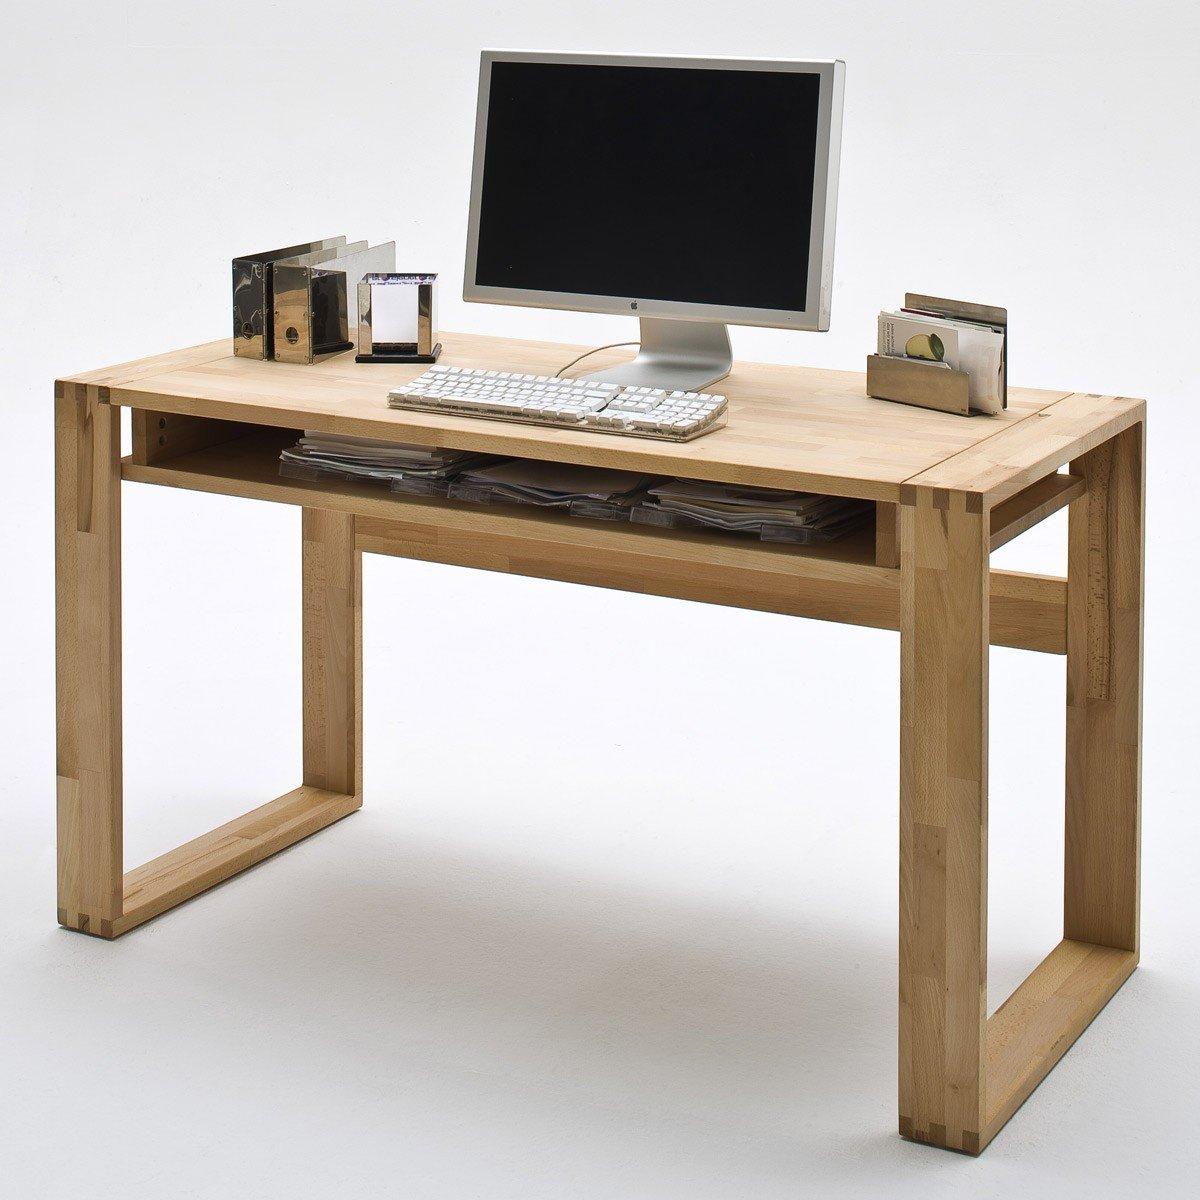 Unbekannt Büro Büromöbel Schreibtisch Kernbuche Massiv Geölt